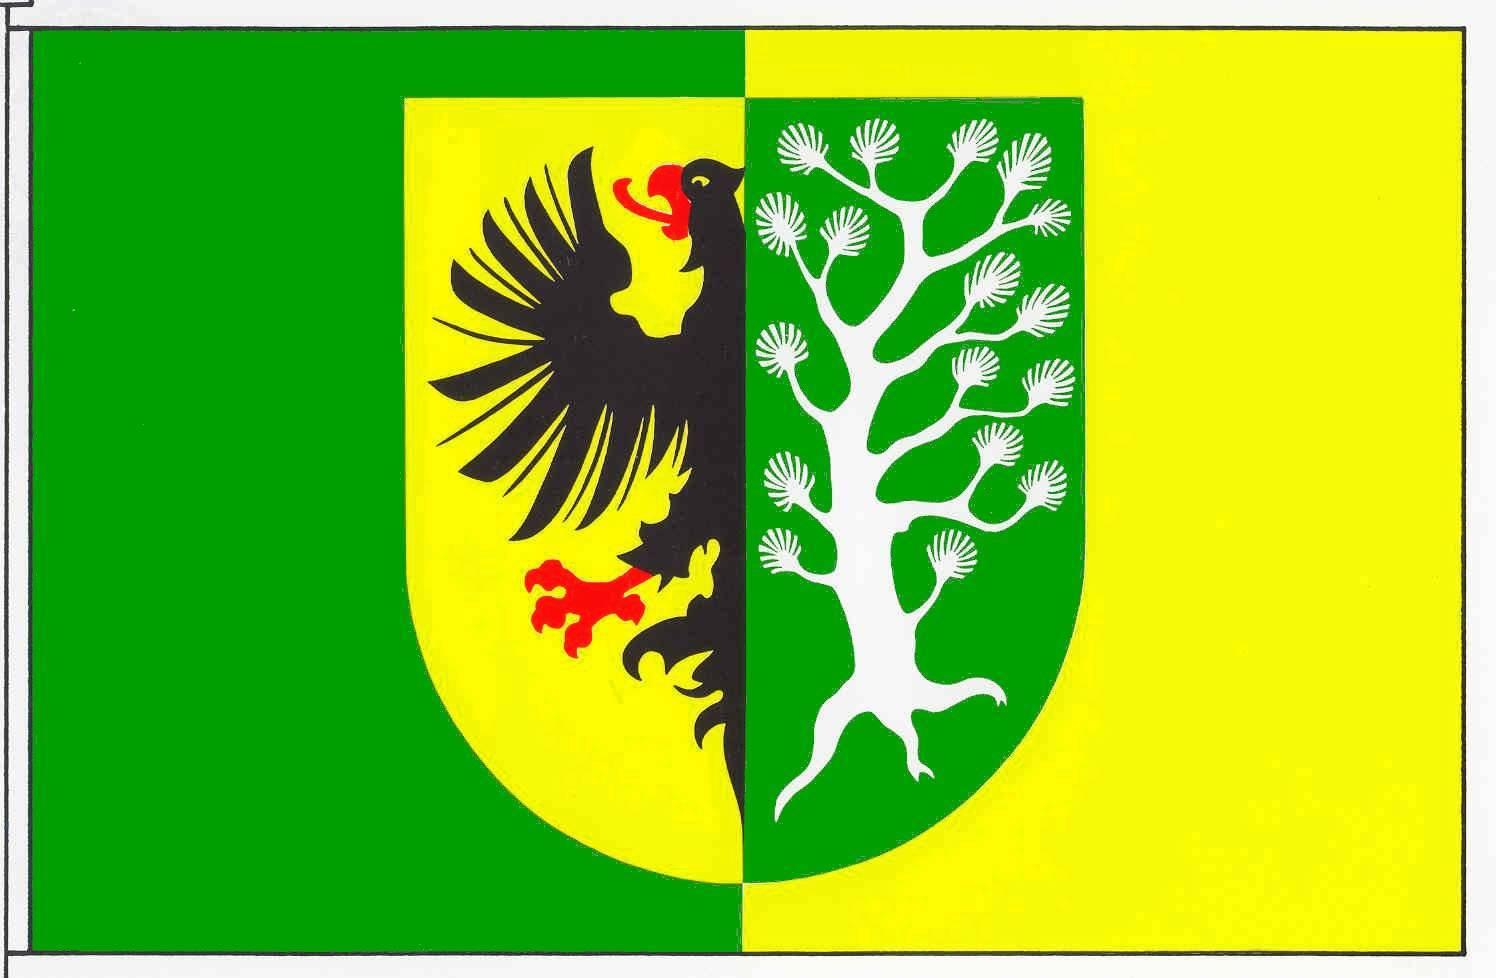 Flagge GemeindeKrempel, Kreis Dithmarschen